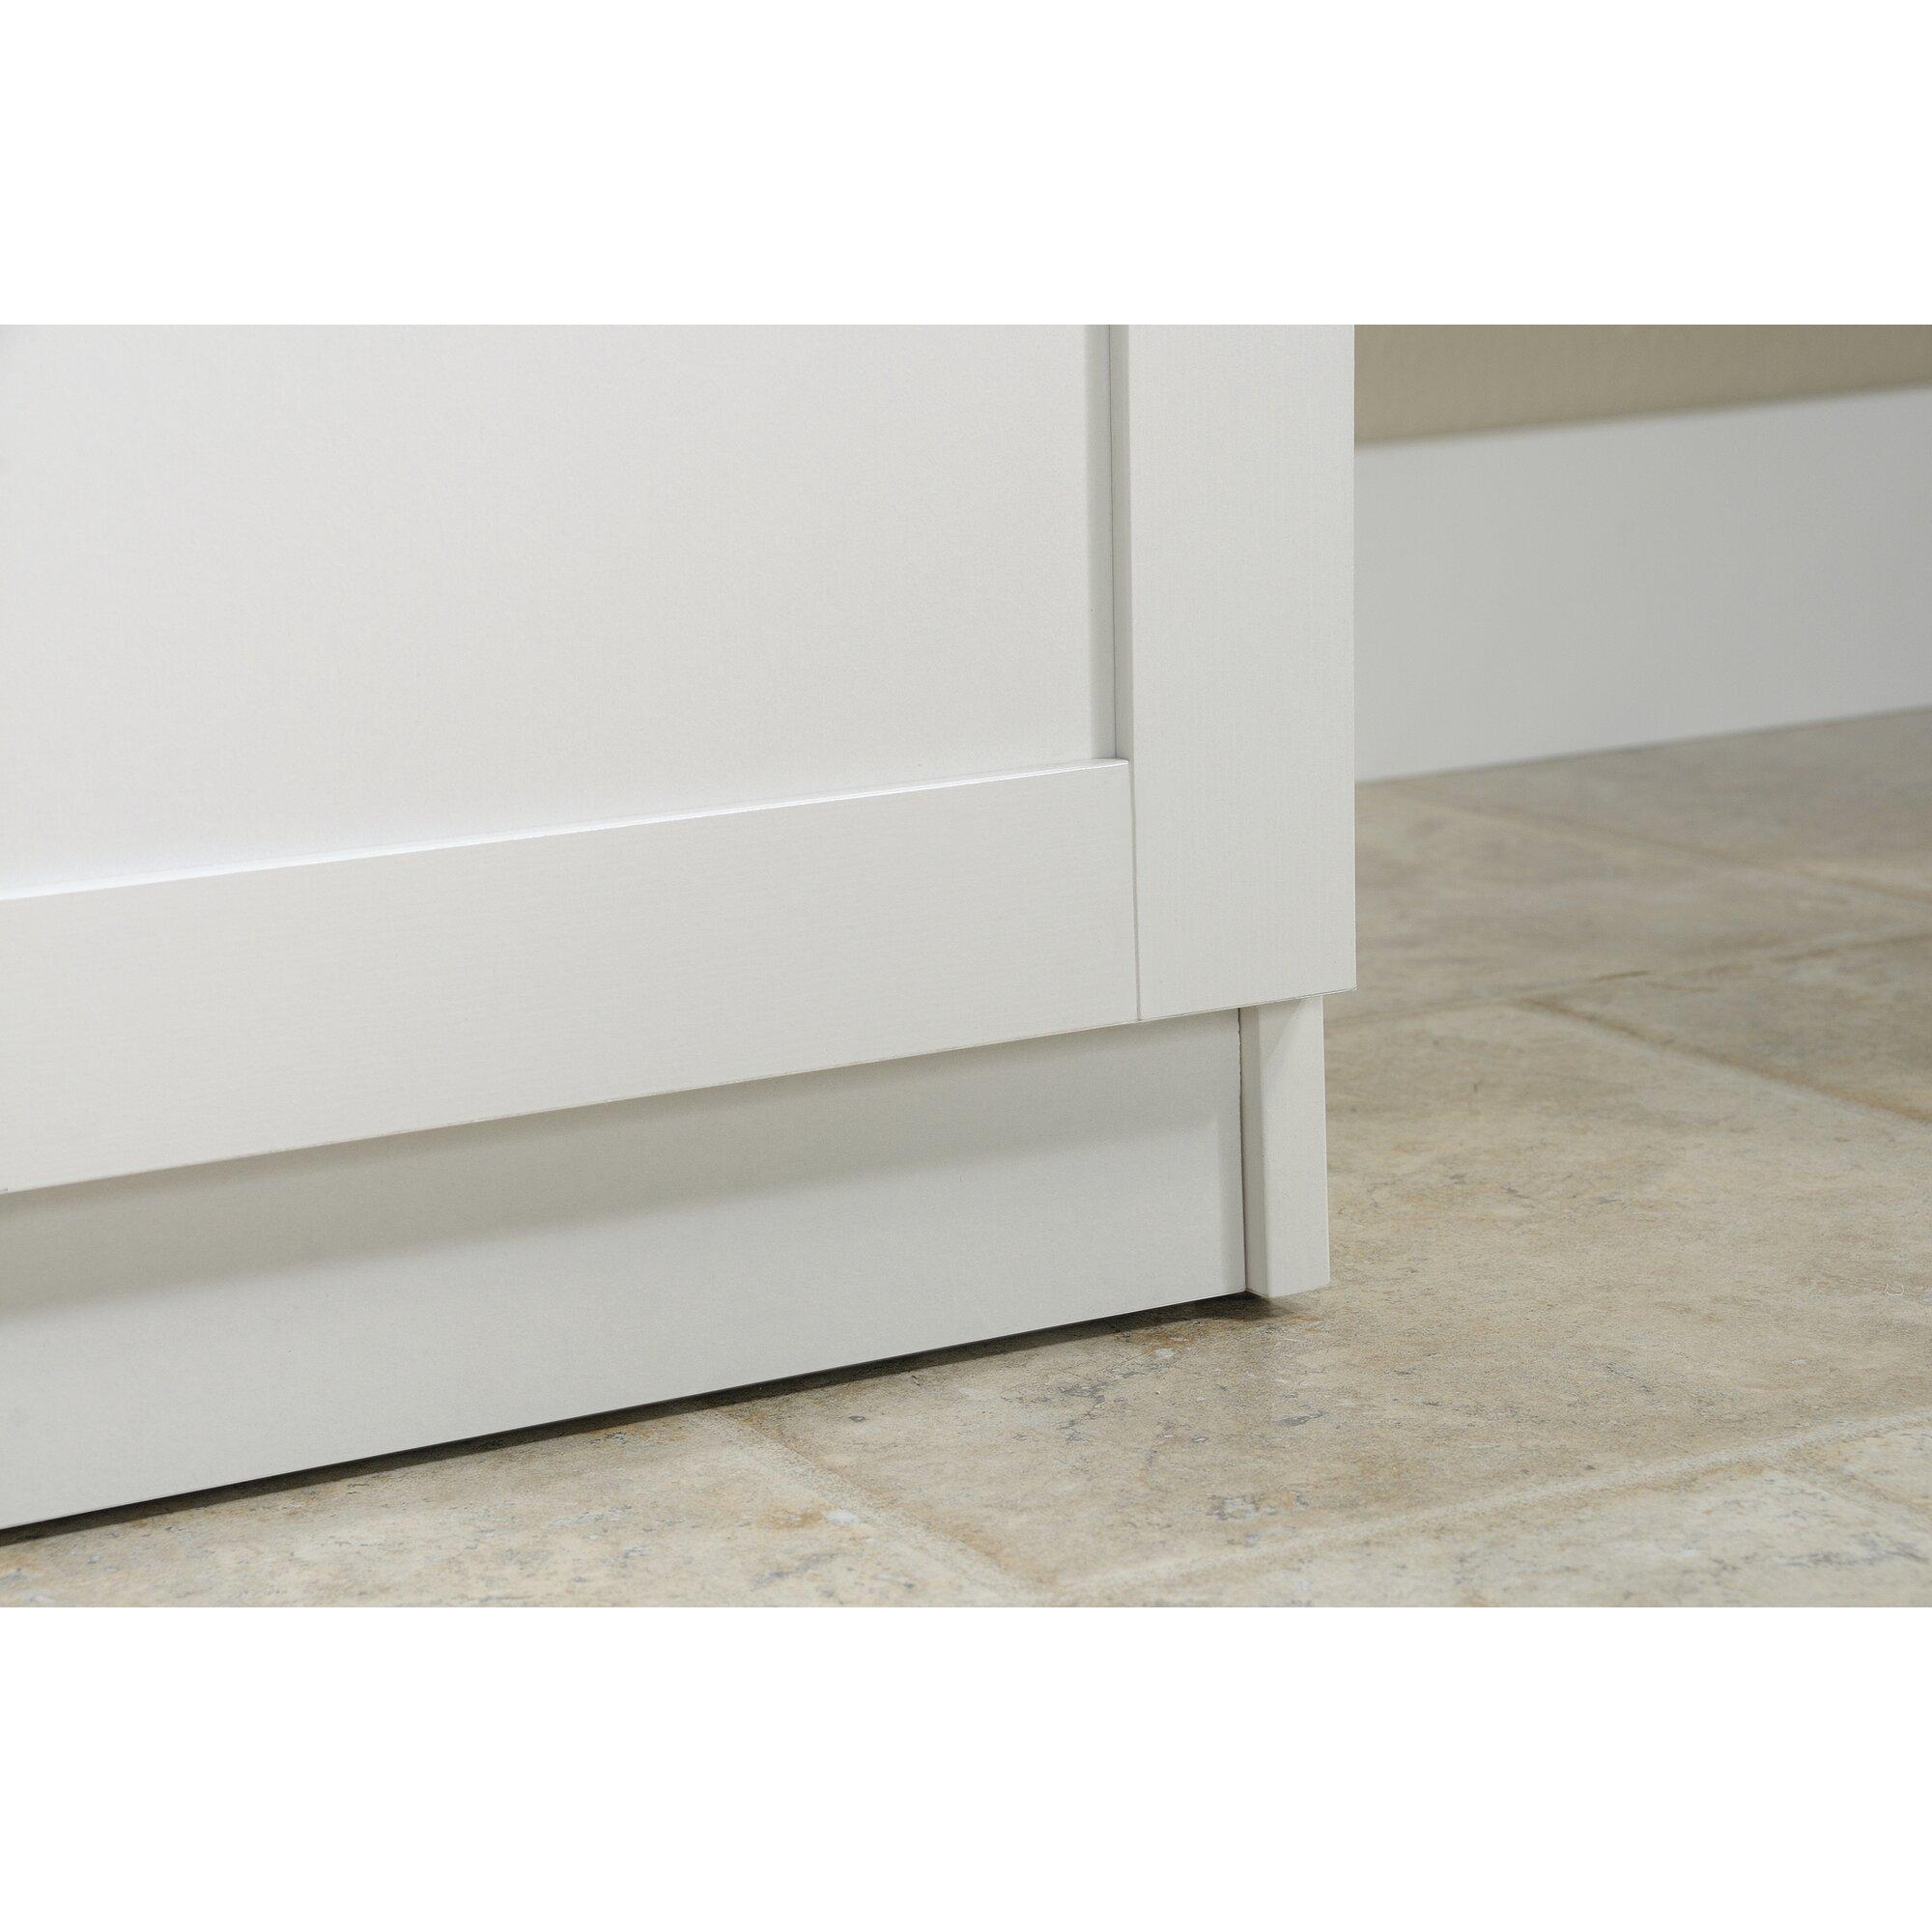 Sauder burton 71 1 h x 40 w x d storage cabinet for Sideboard 90 x 40